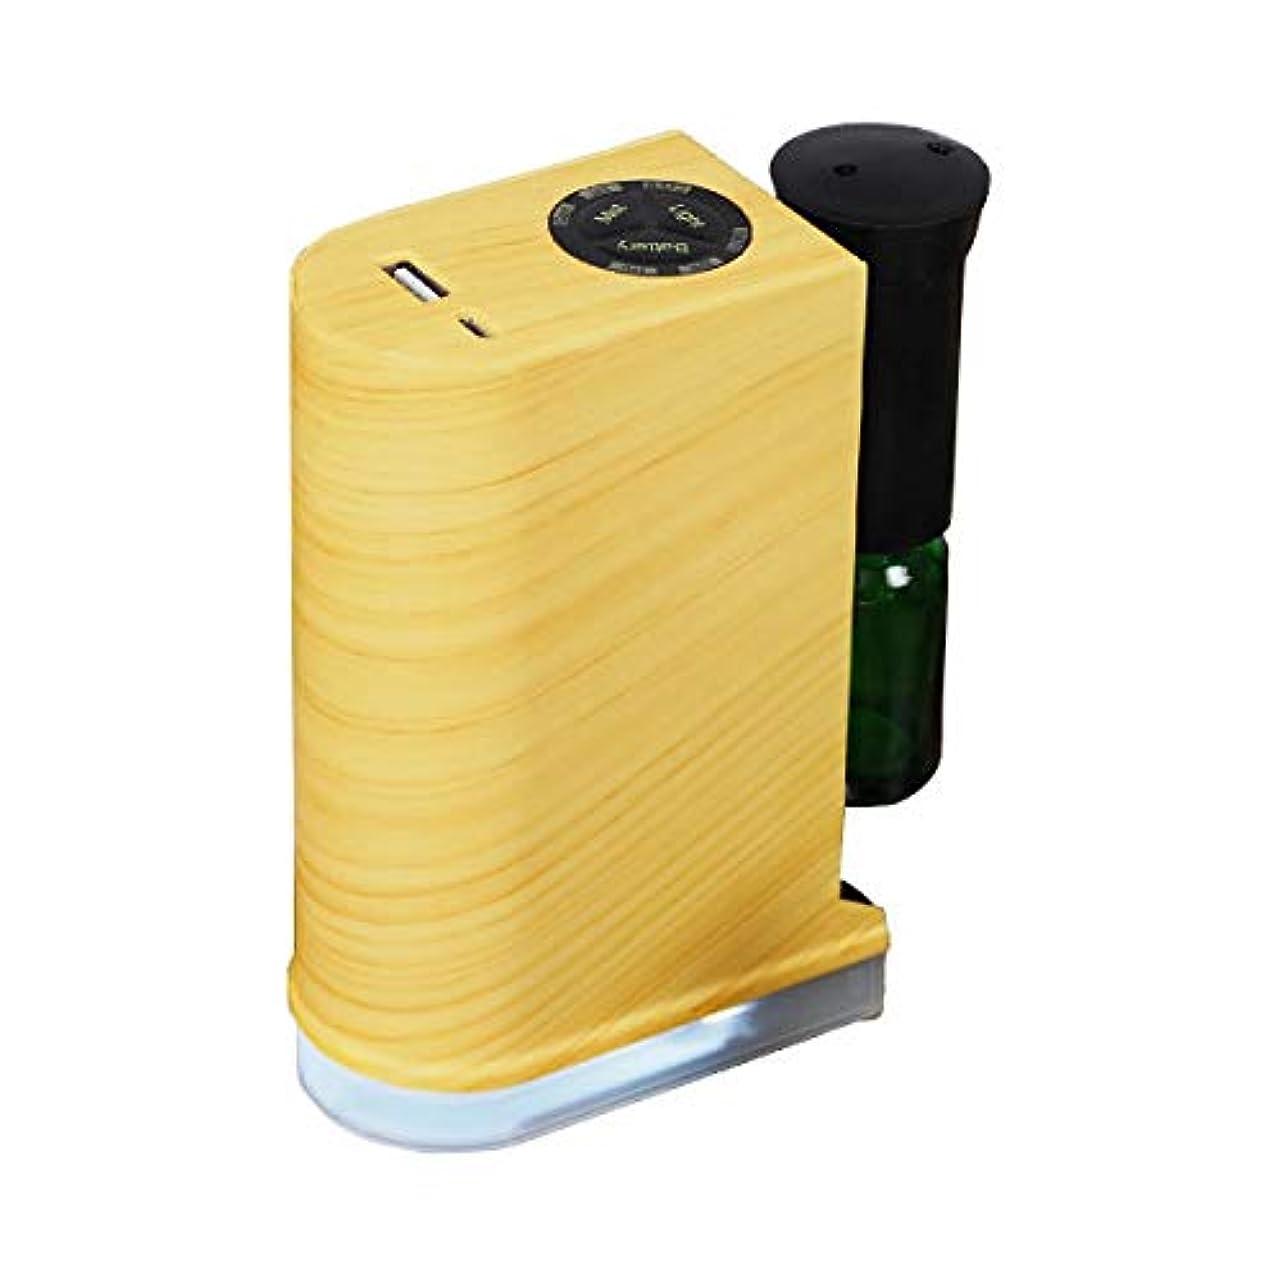 コミュニケーション航空機細胞アロマデュフューザー 水を使わない ネブライザー式アロマディフューザー LED搭載 アロマオイル 精油 アロマ芳香 (ナチュラル)